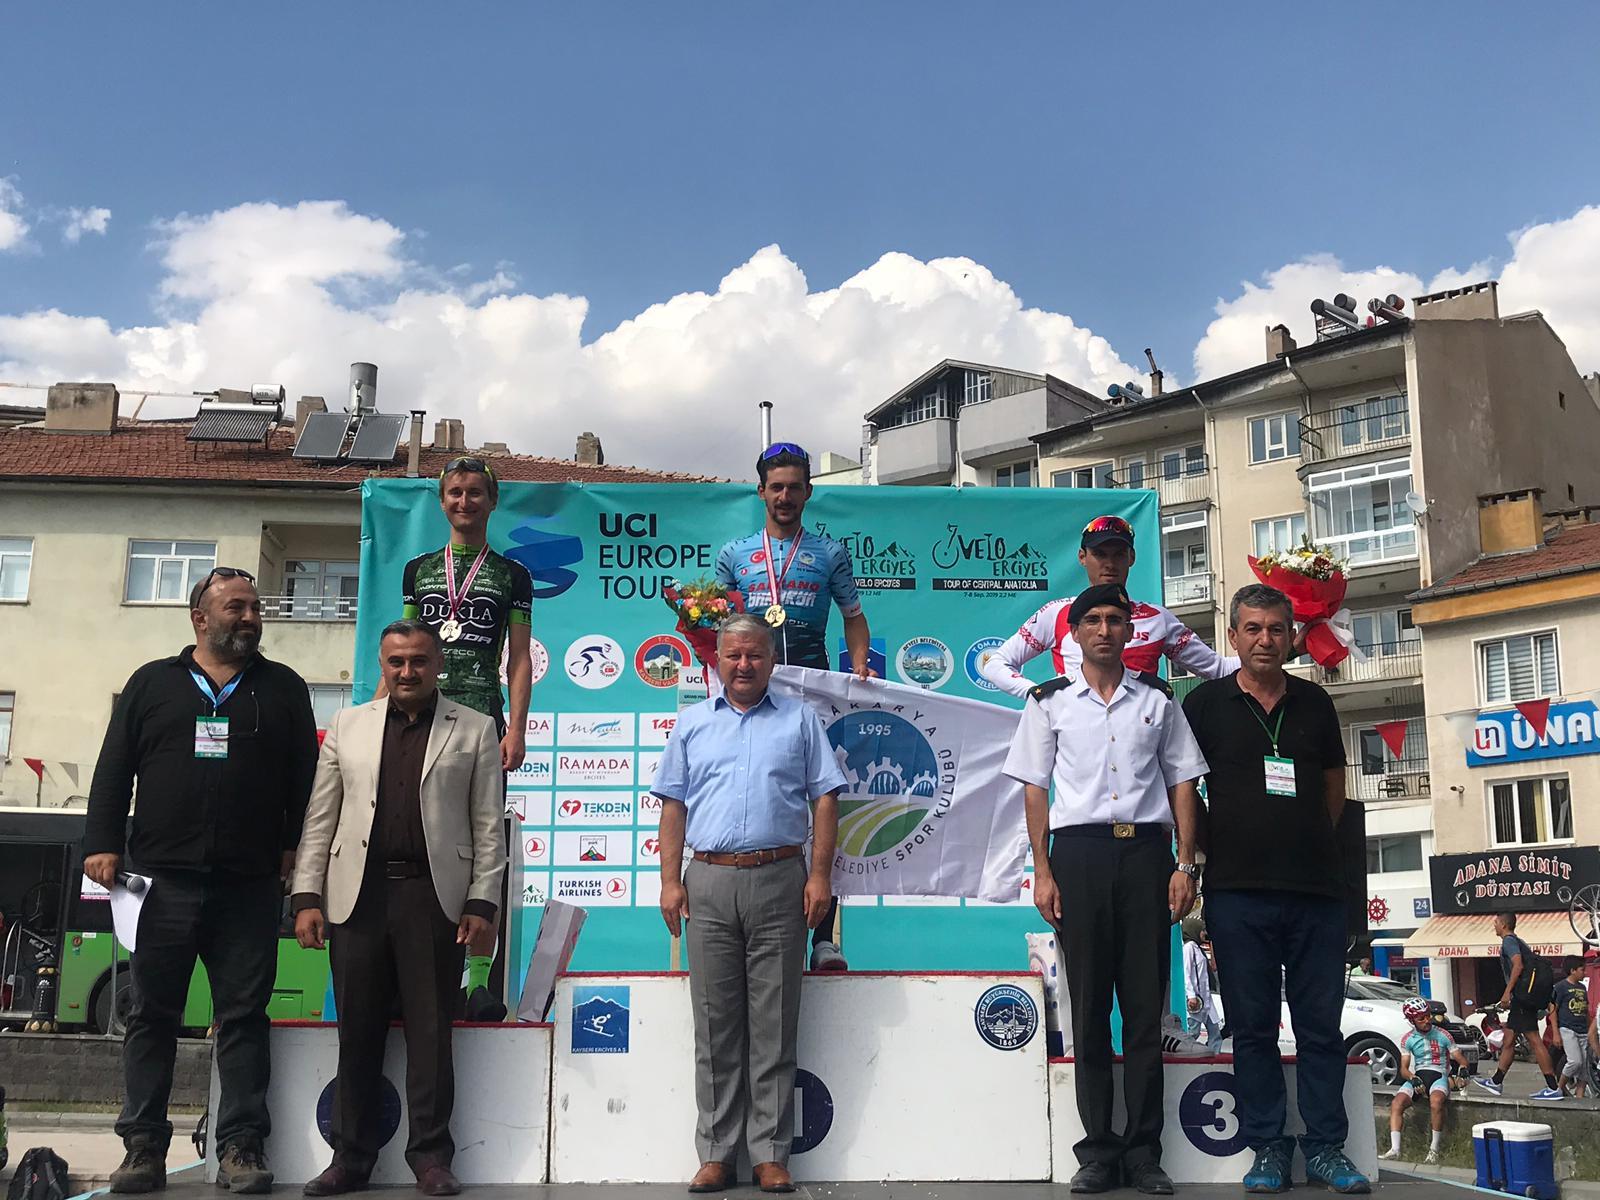 Büyükşehirli Onur Balkan Kayseri'de kürsünün sahibi